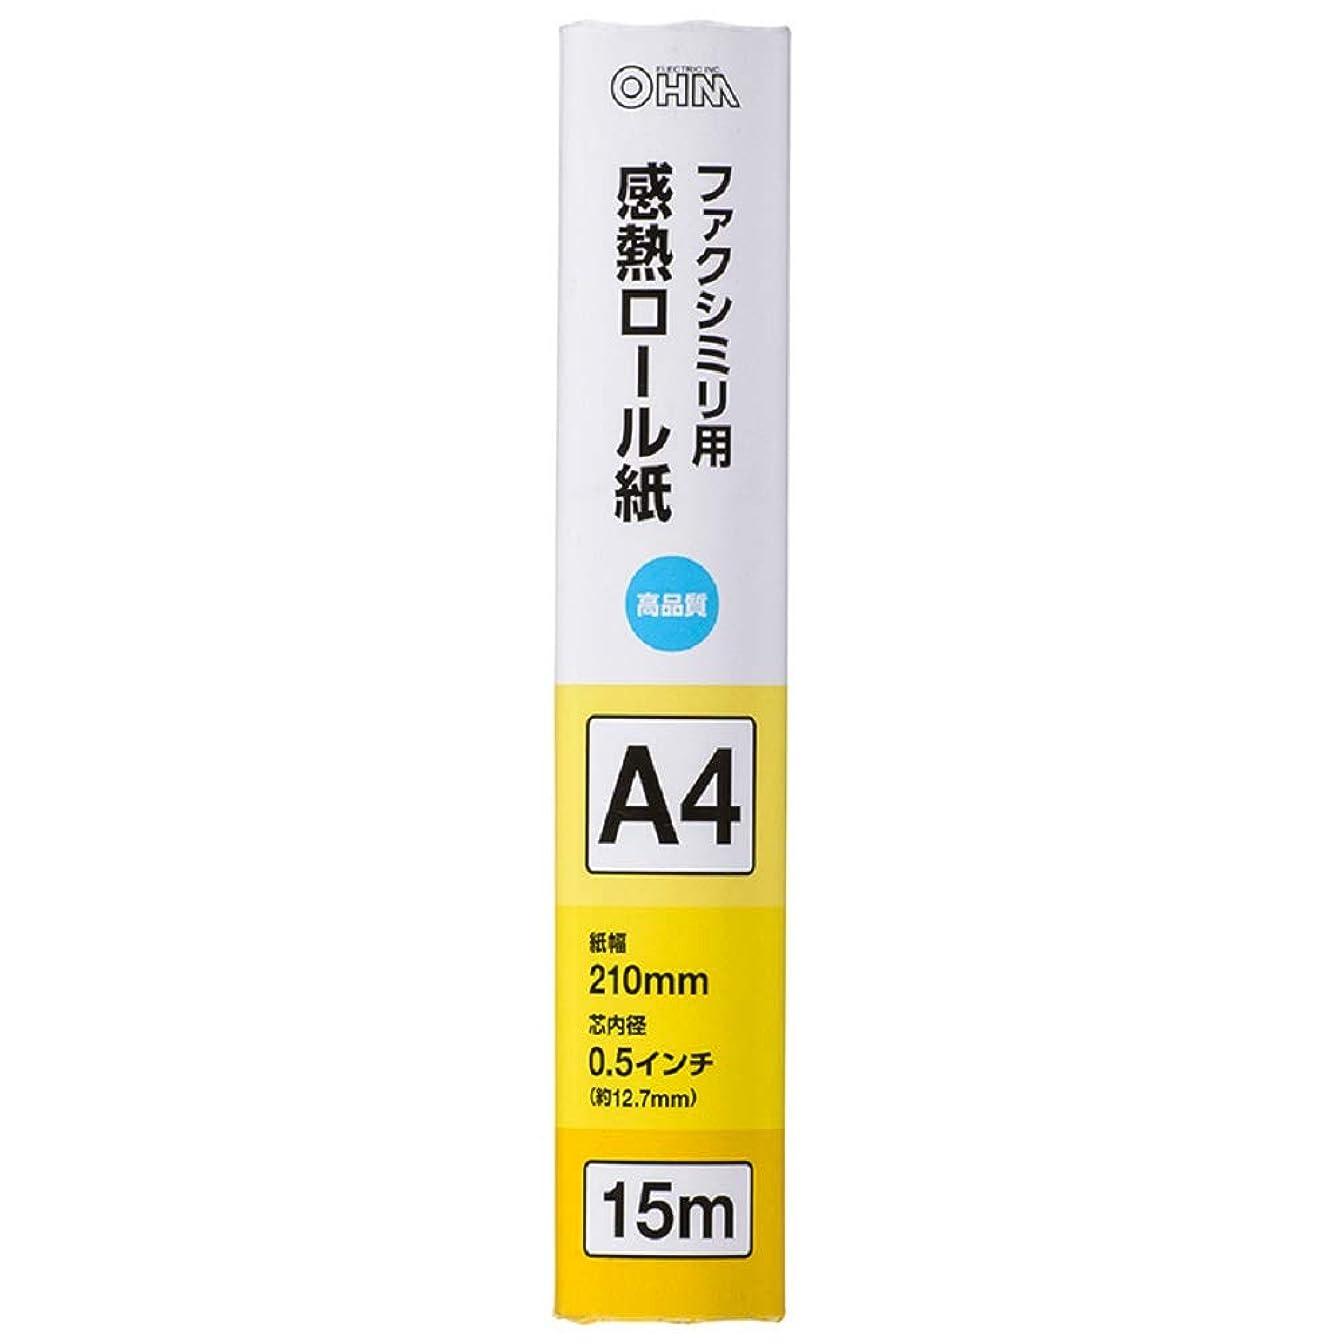 ロータリーアルファベットタイプライターFAX用 感熱ロール紙 A4 15m 01-0727 OA-FTRA15